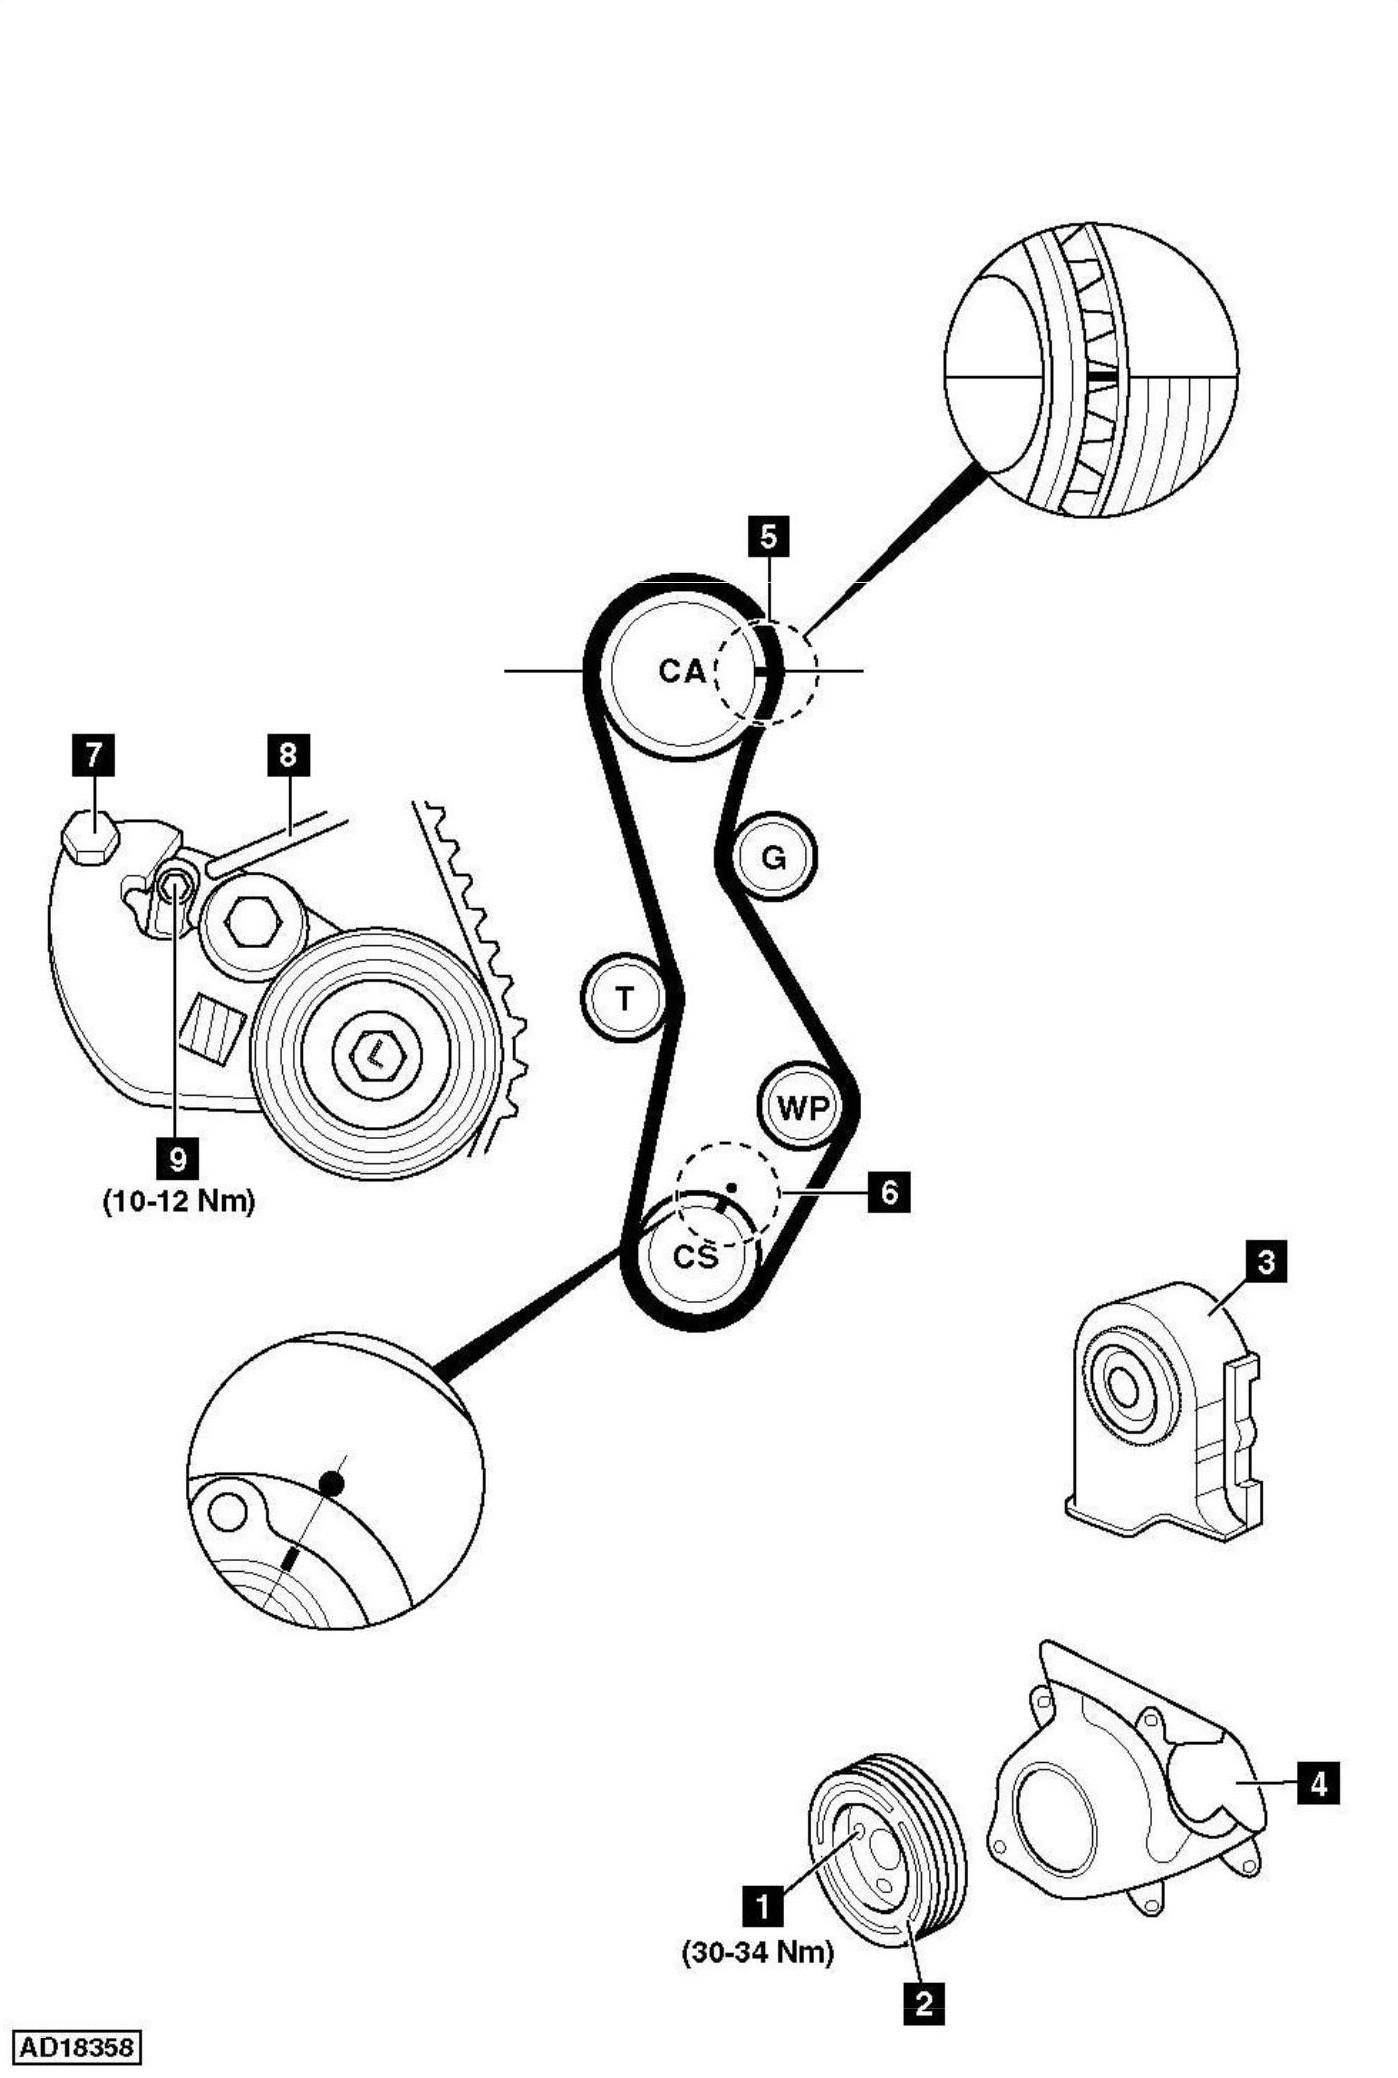 Hyundai Santa Fe Wiring Diagram 2004 Hyundai Santa Fe